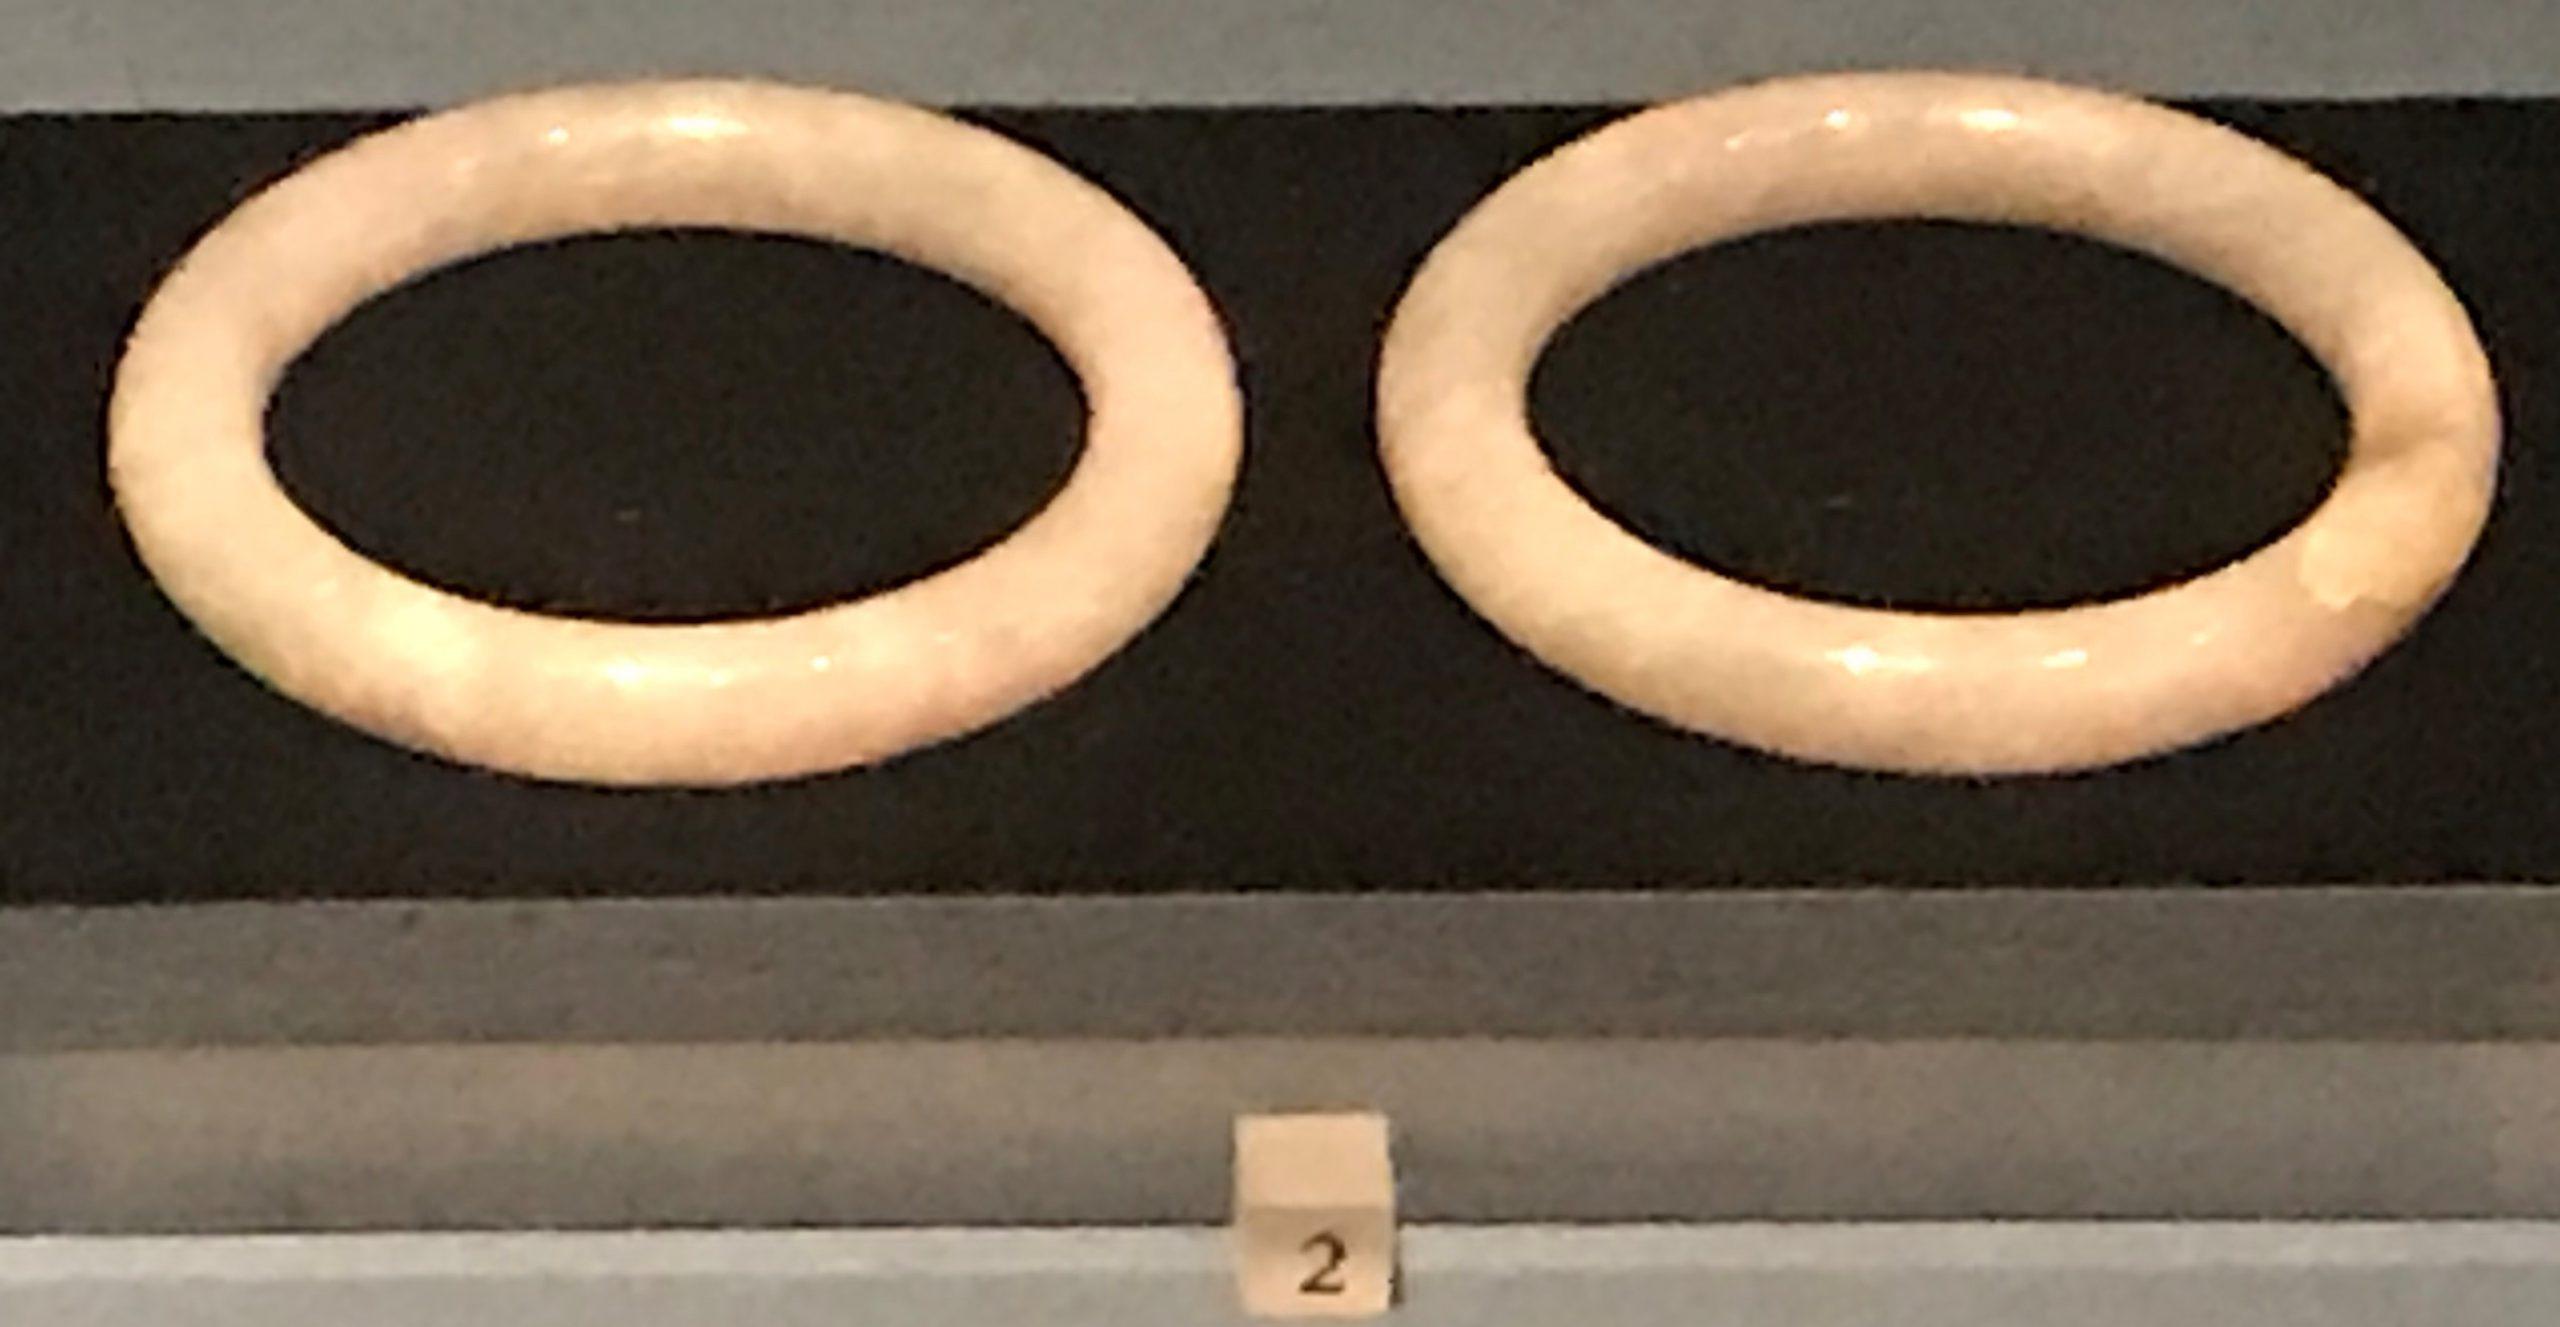 銅帶鉤-玉鐲-蒼龍紋子玉帶鉤-金耳環-帶鏈金飾件-玉板指-蝙蝠紋螺絲金耳環,蝙蝠紋金耳釘-花形金耳環-螺絲金耳環-明清時代-常設展F3-成都博物館